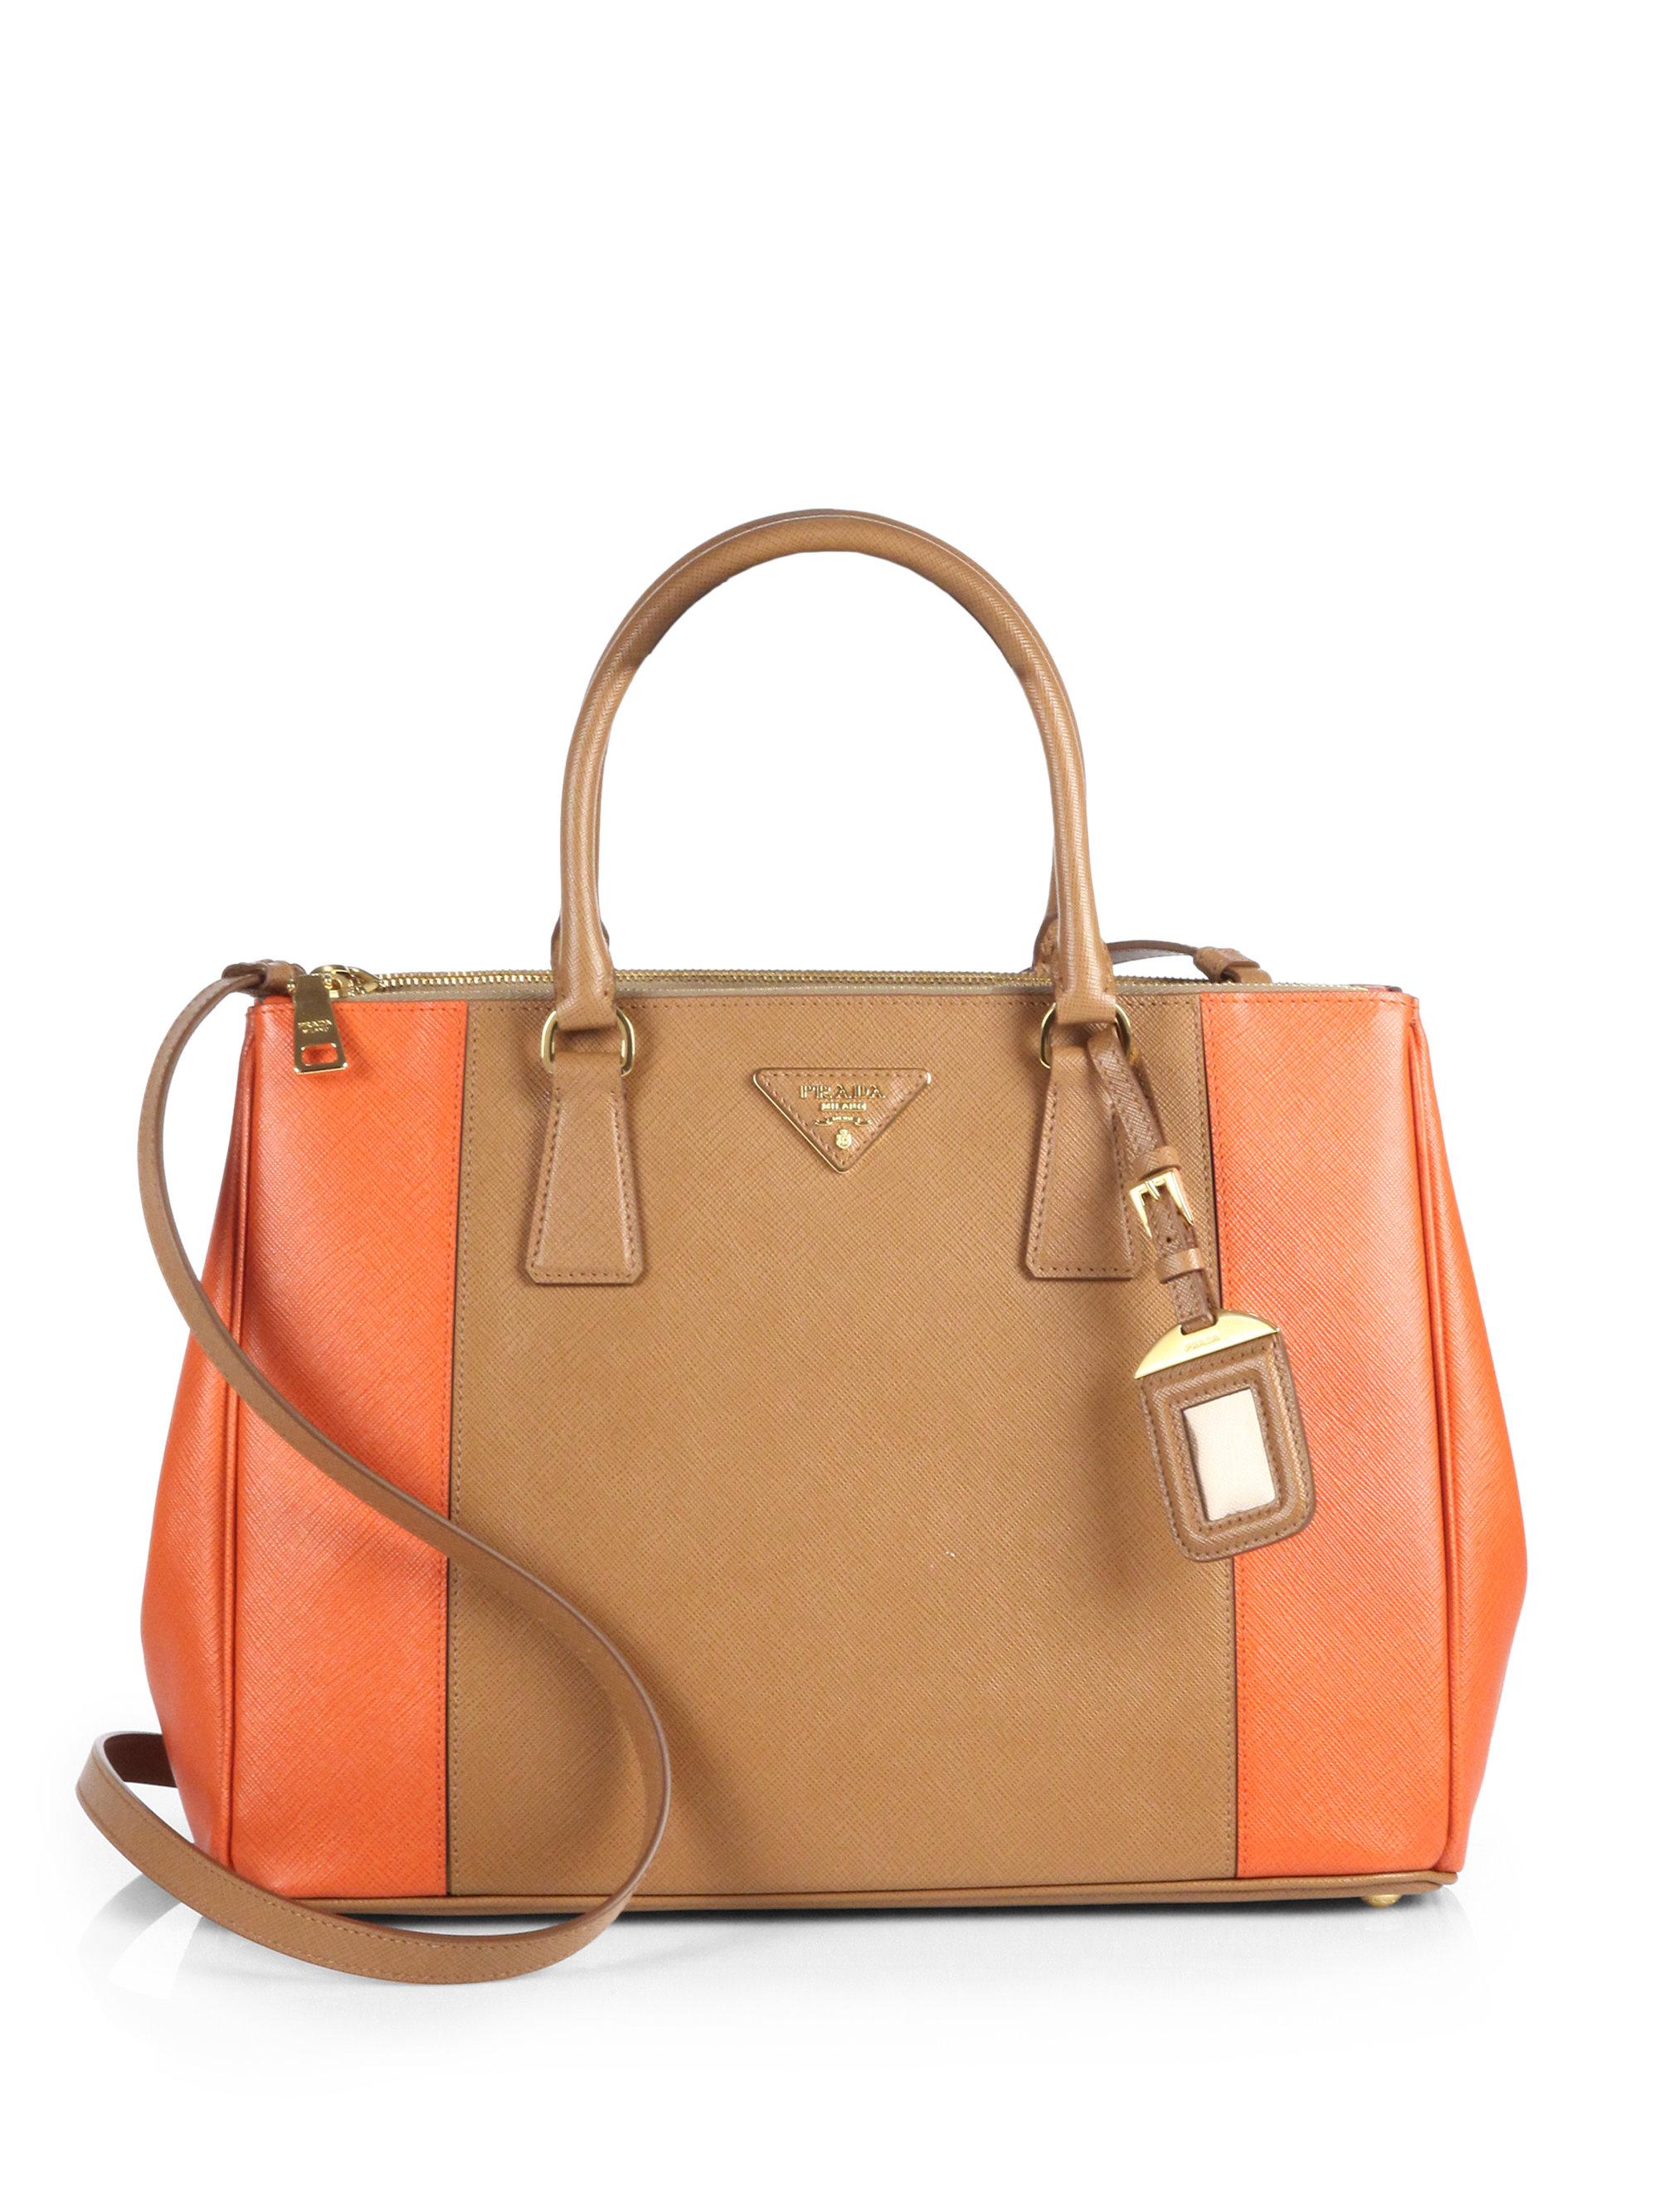 prada handbags small black - Prada Saffiano Bicolor Double Zip Tote in Brown (PAPAYA CARAMEL ...